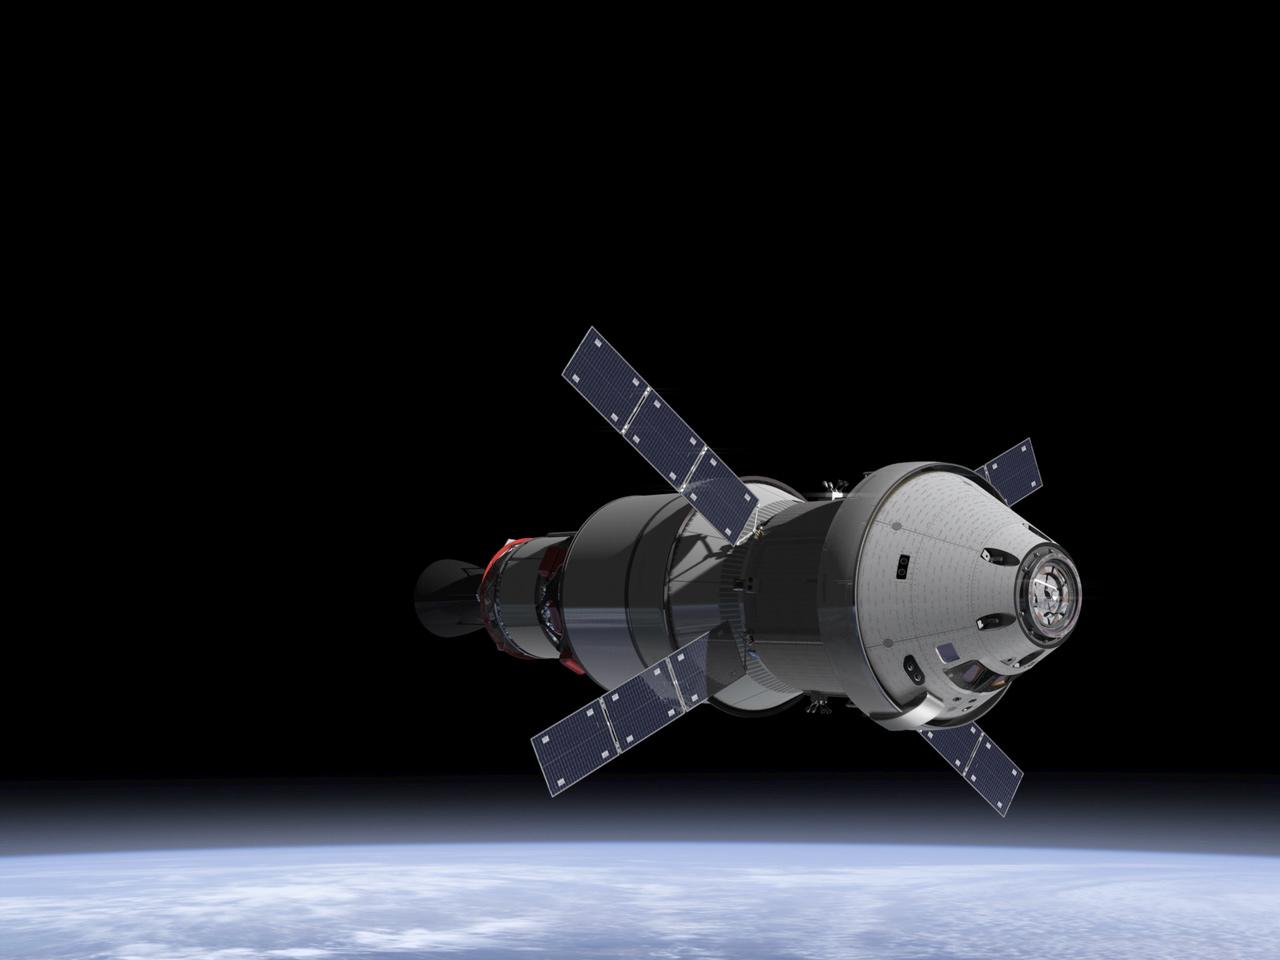 To w tym statku NASA chce wznowić erę lotów załogowych